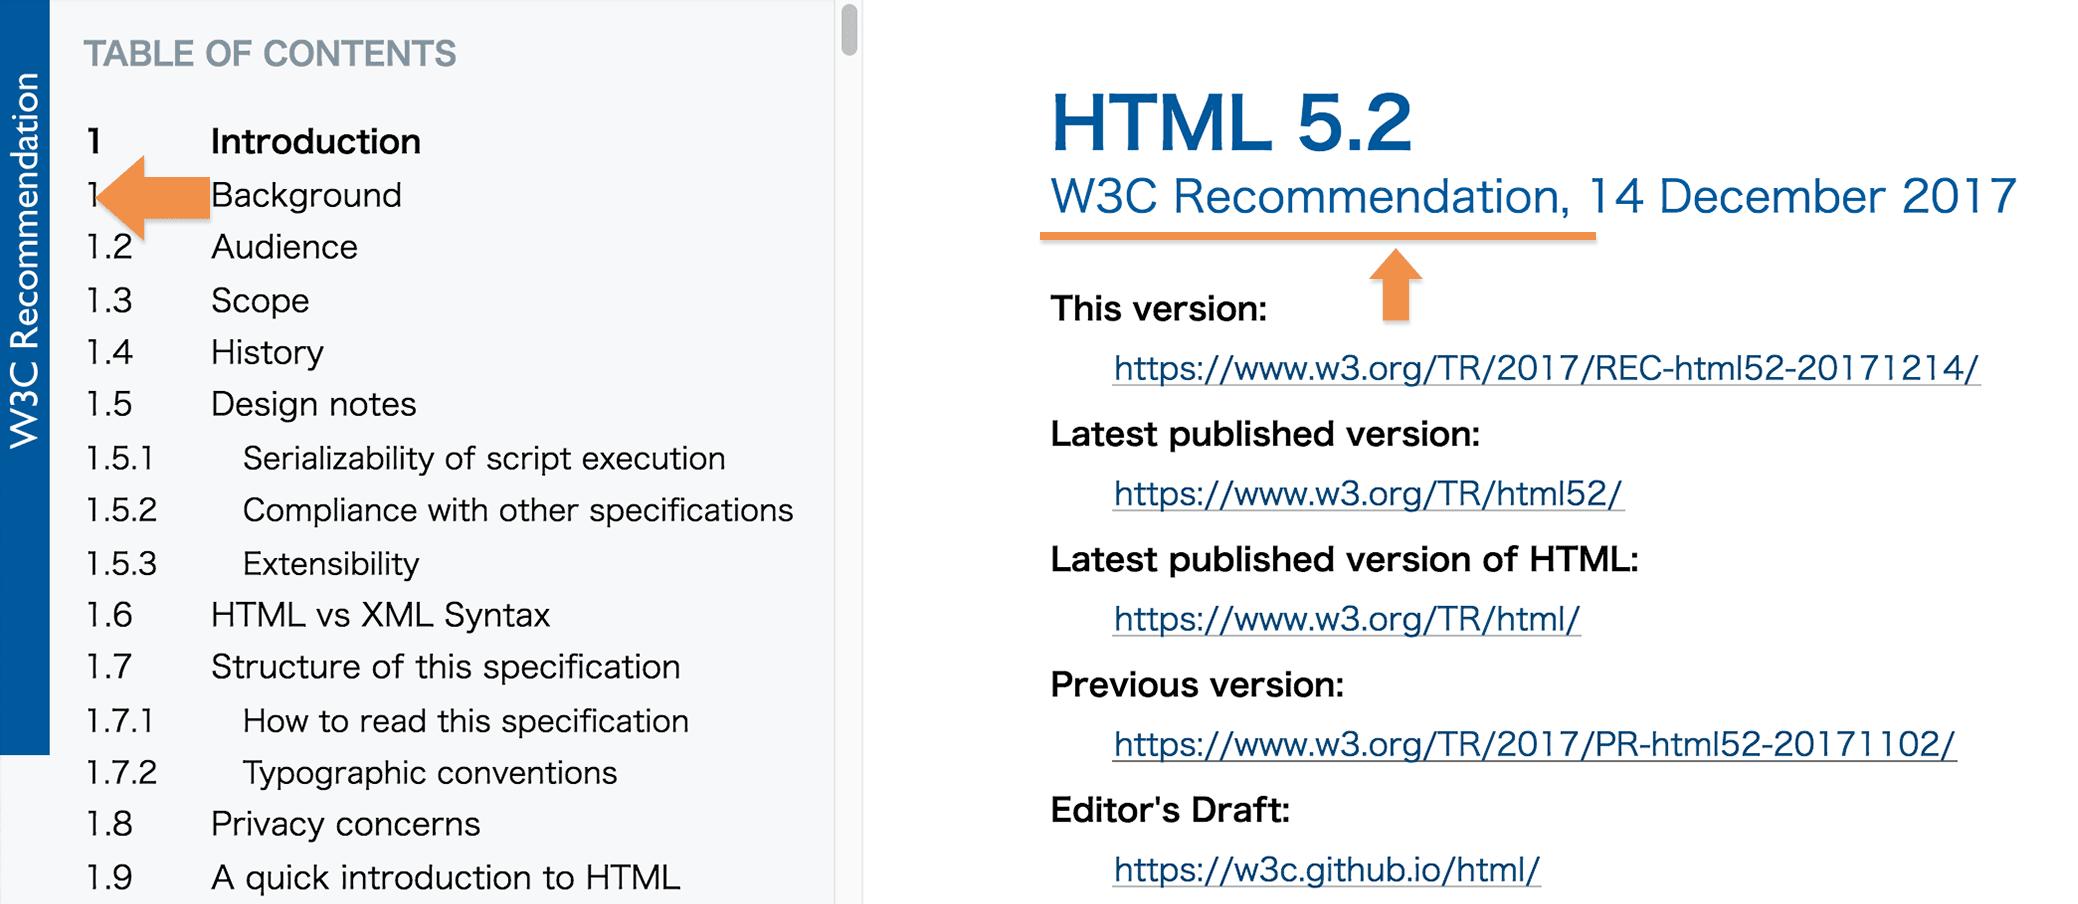 HTML5.2 REC